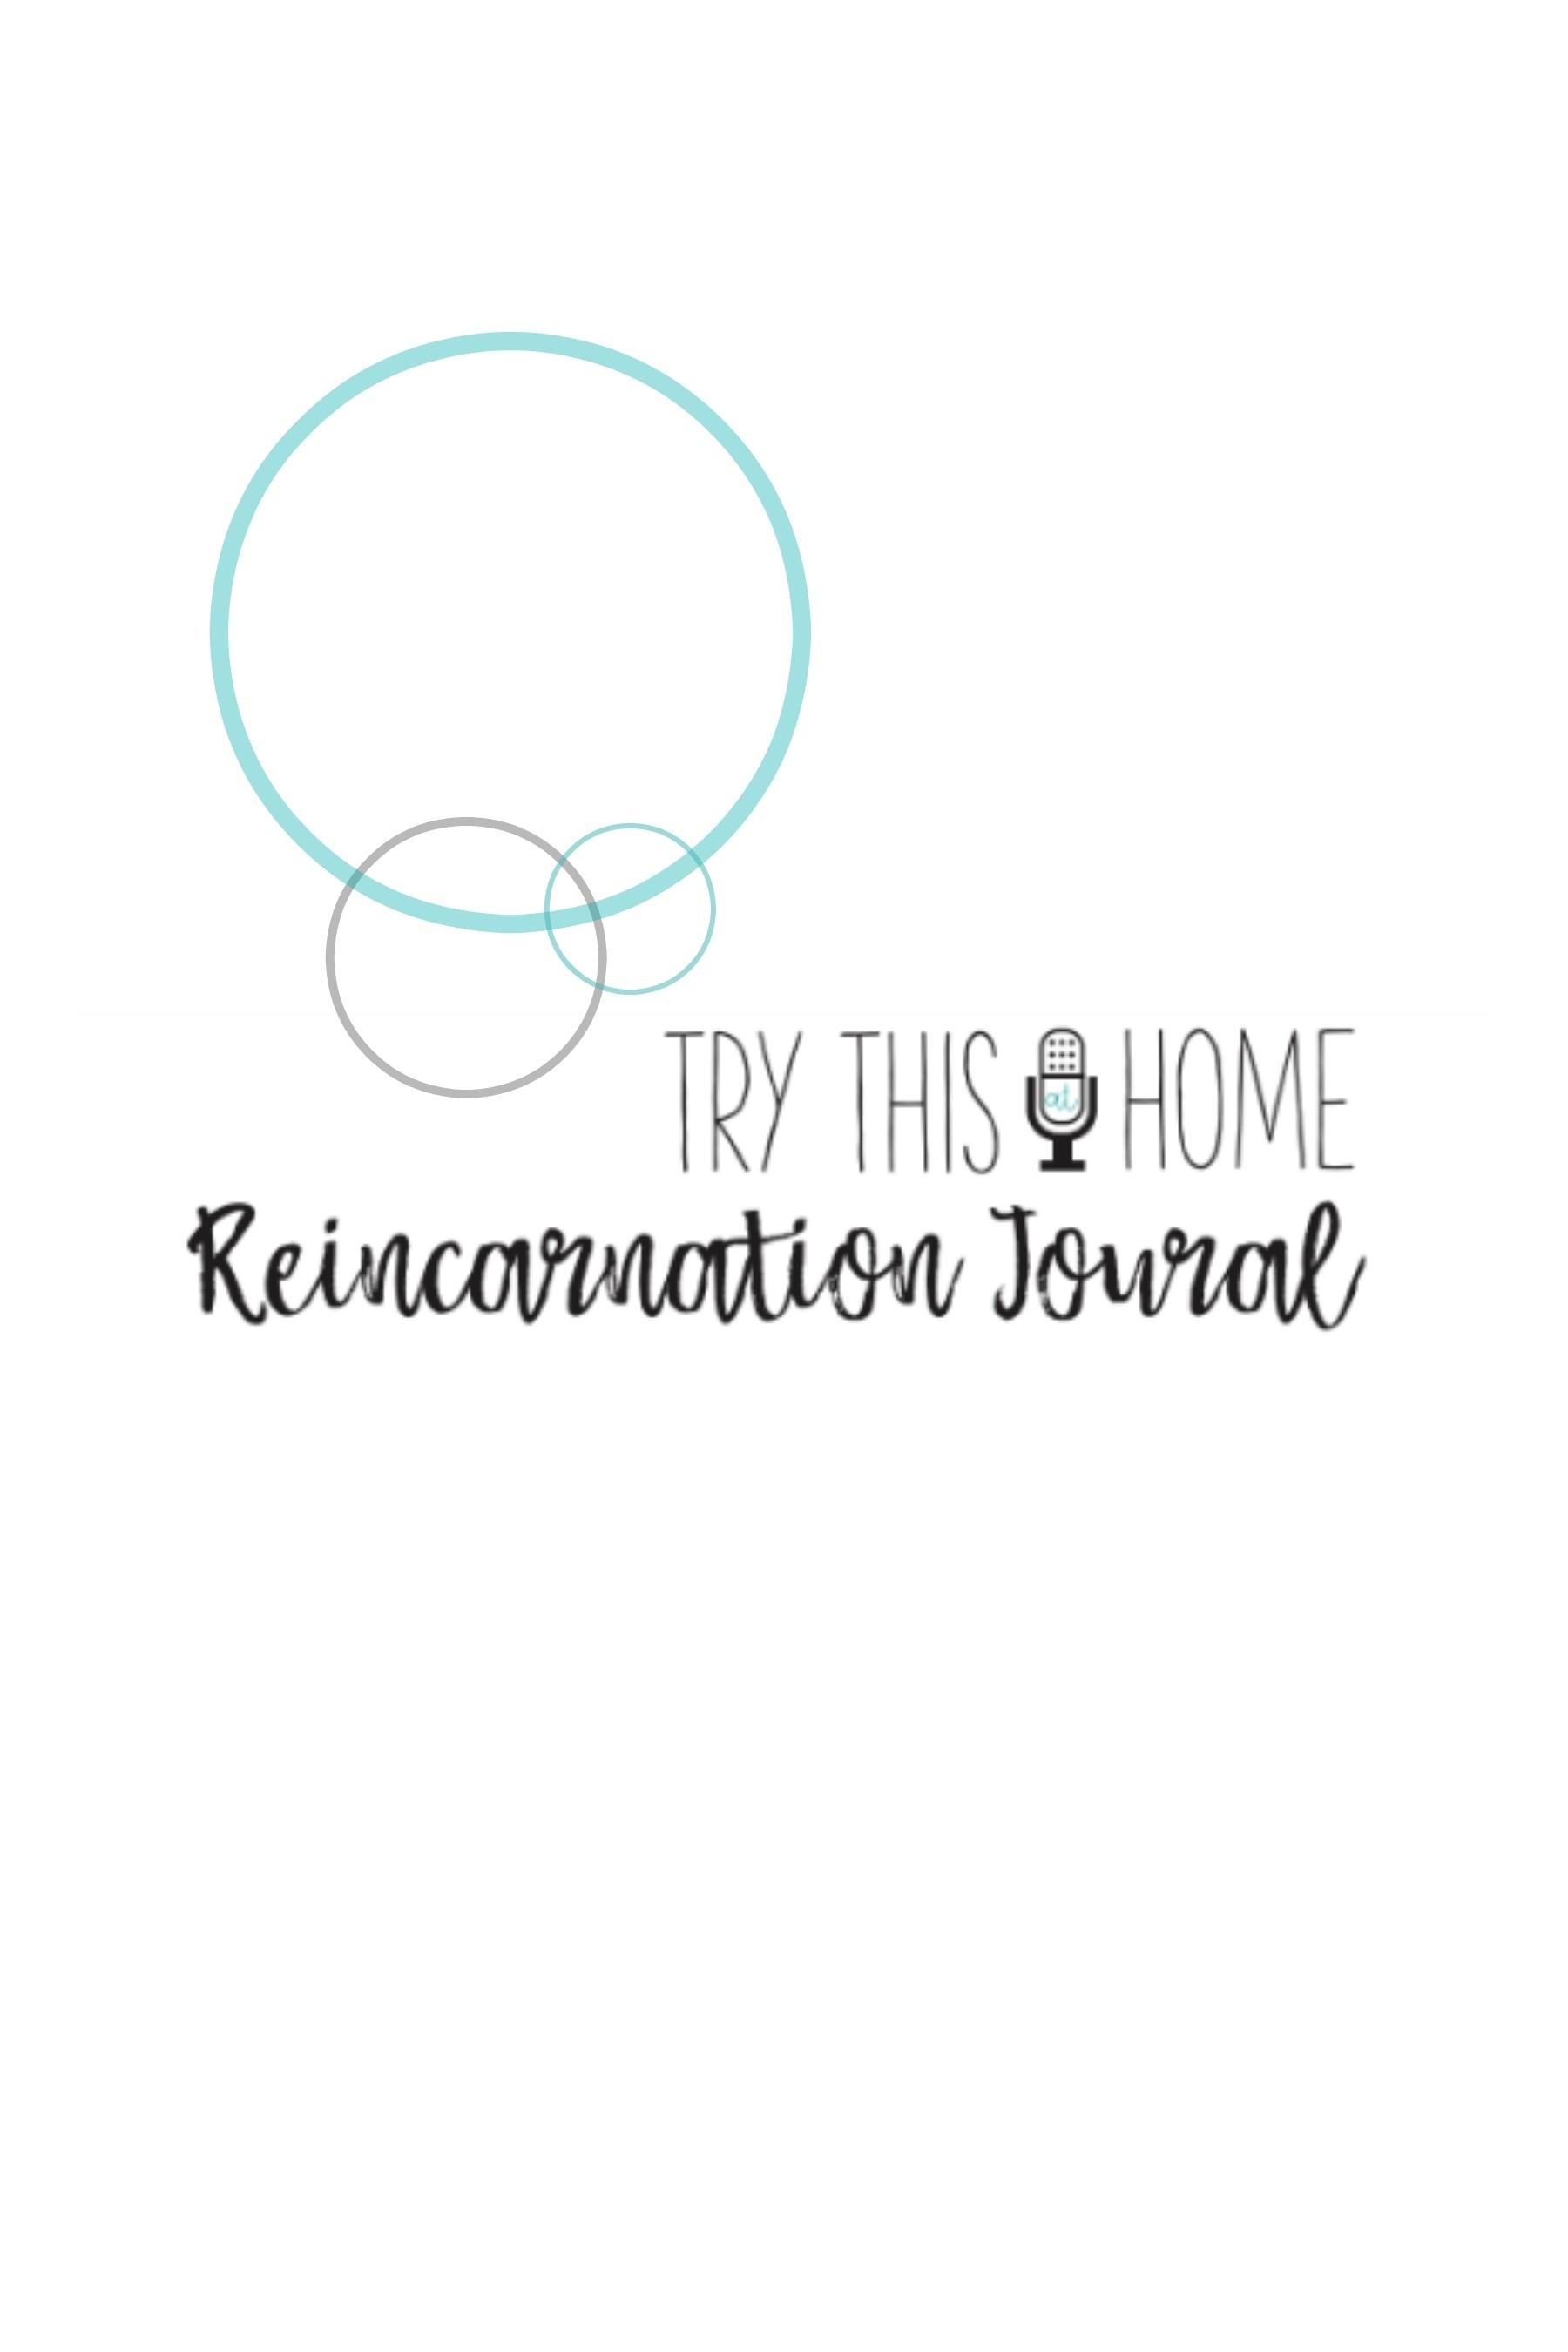 TTAH_ReincarnationJournalCover.jpg